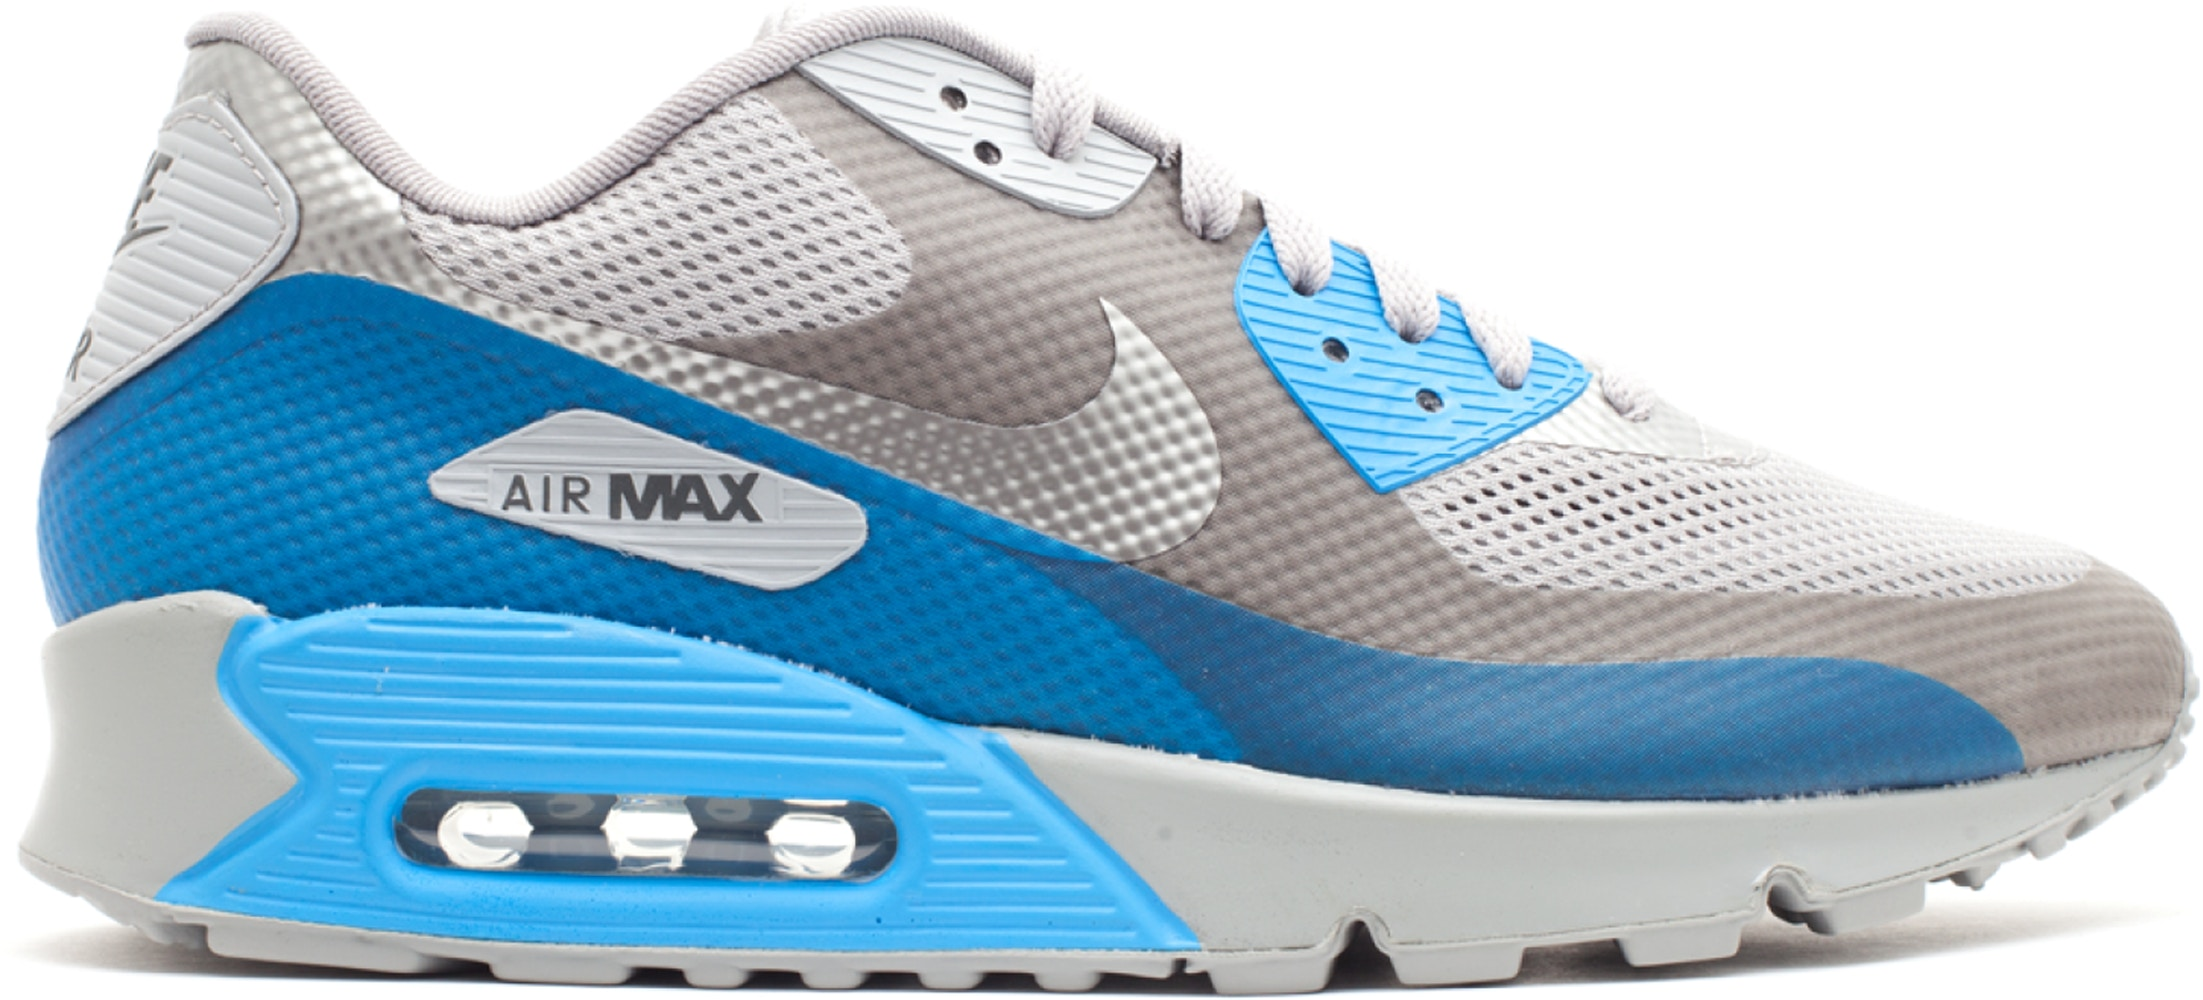 Nike Air Max 90 Hyperfuse Midnight Fog Blue Glow - 454446-001